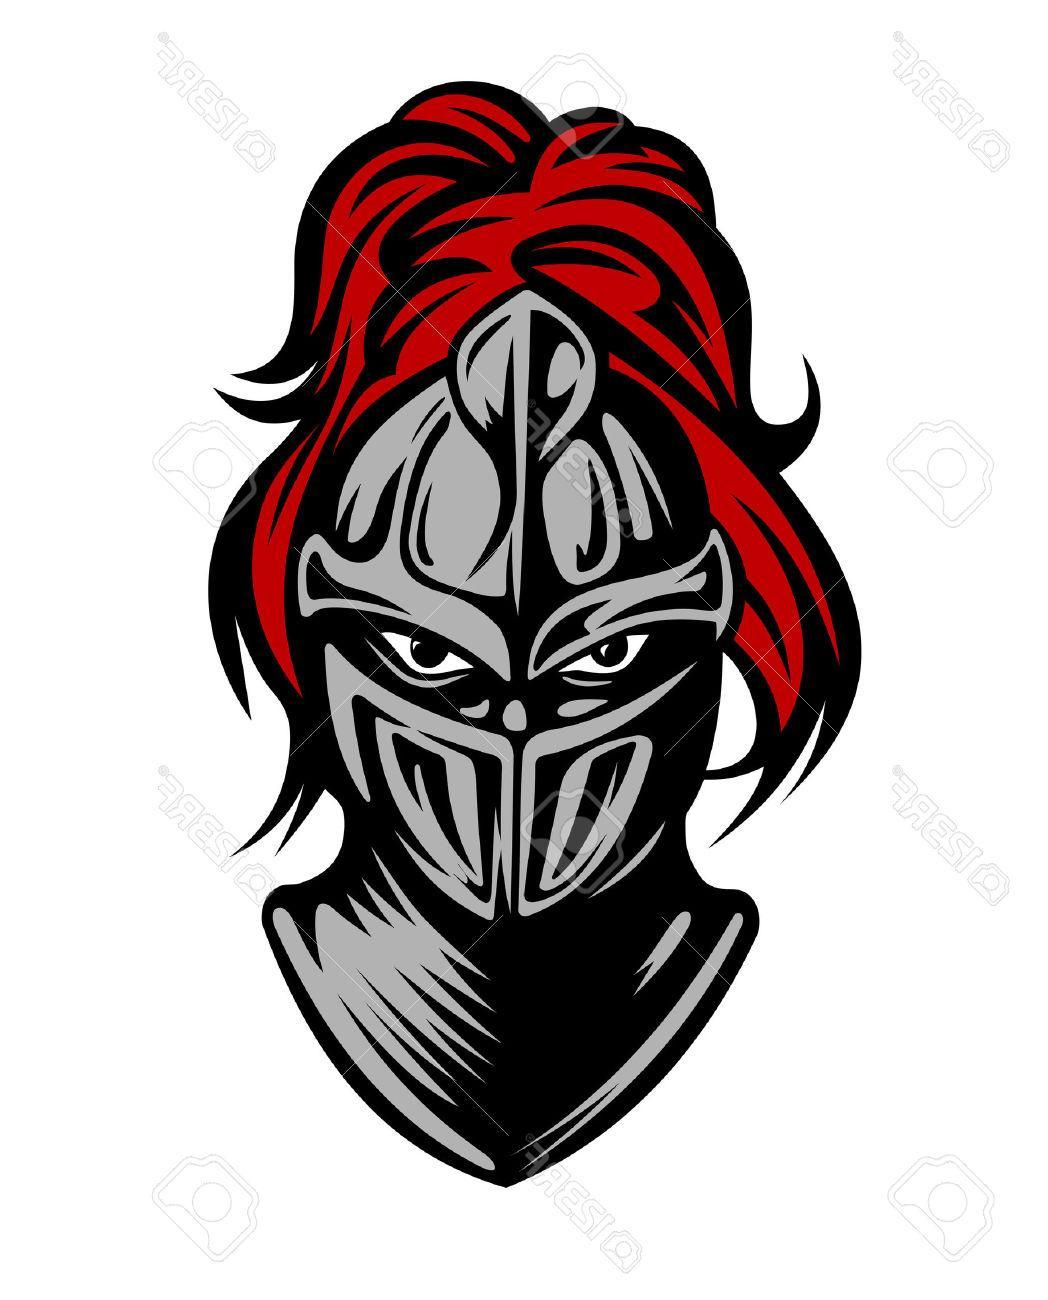 Knight Head Clipart | Free download best Knight Head ...